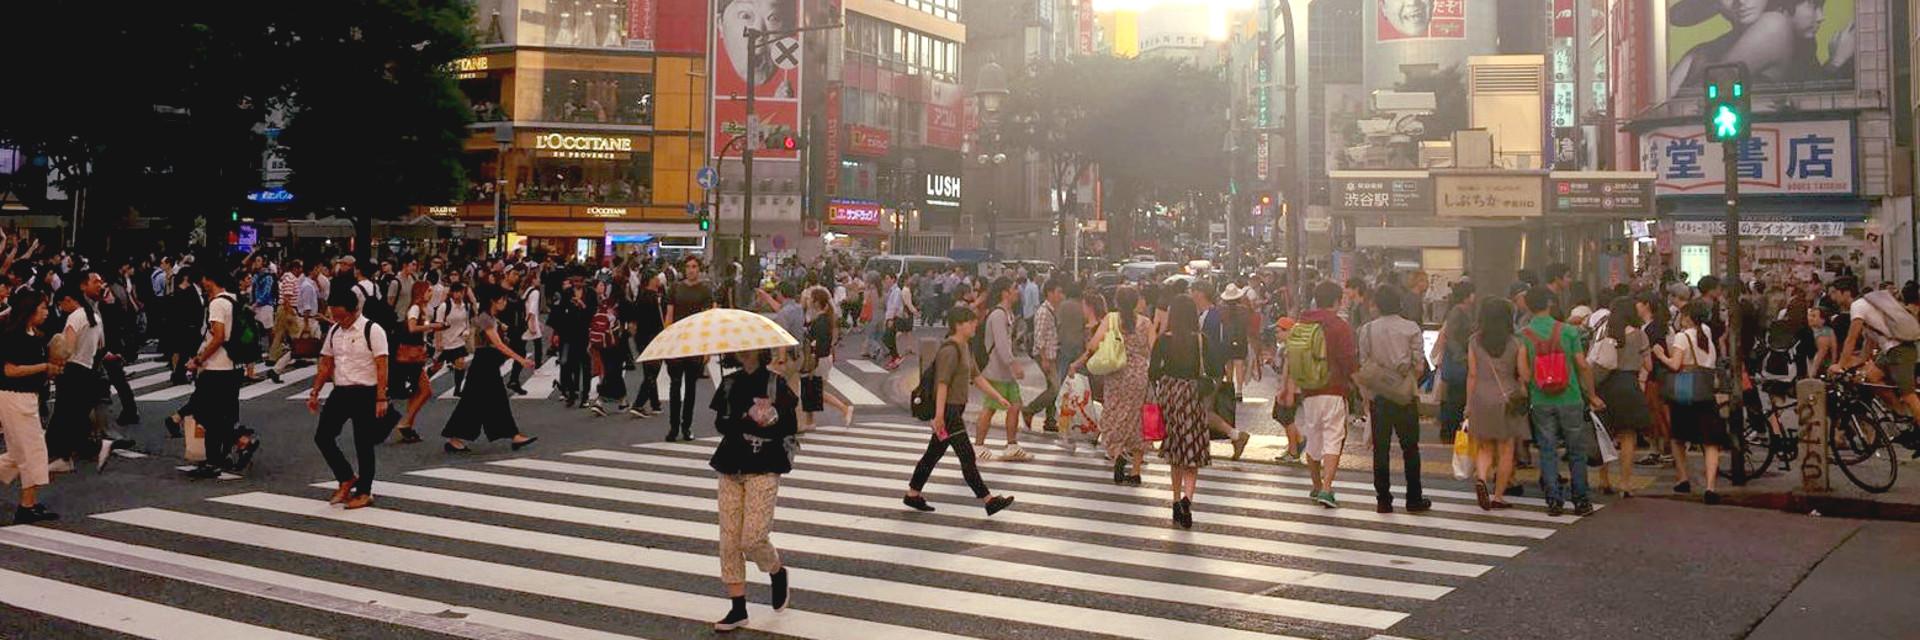 Japonia to niezwykły kraj z bogatym dobytkiem kulturowym. Wszystko tam było dla mnie niezwykle: ludzie, obyczaje, stroje, język oraz jedzenie. Pomimo pozornego tłoku na ulicach, dworcach oraz w metrze, ludzie są 'dziwnie' spokojni. Nigdy dotychczas się z czymś takim nie spotkałam.